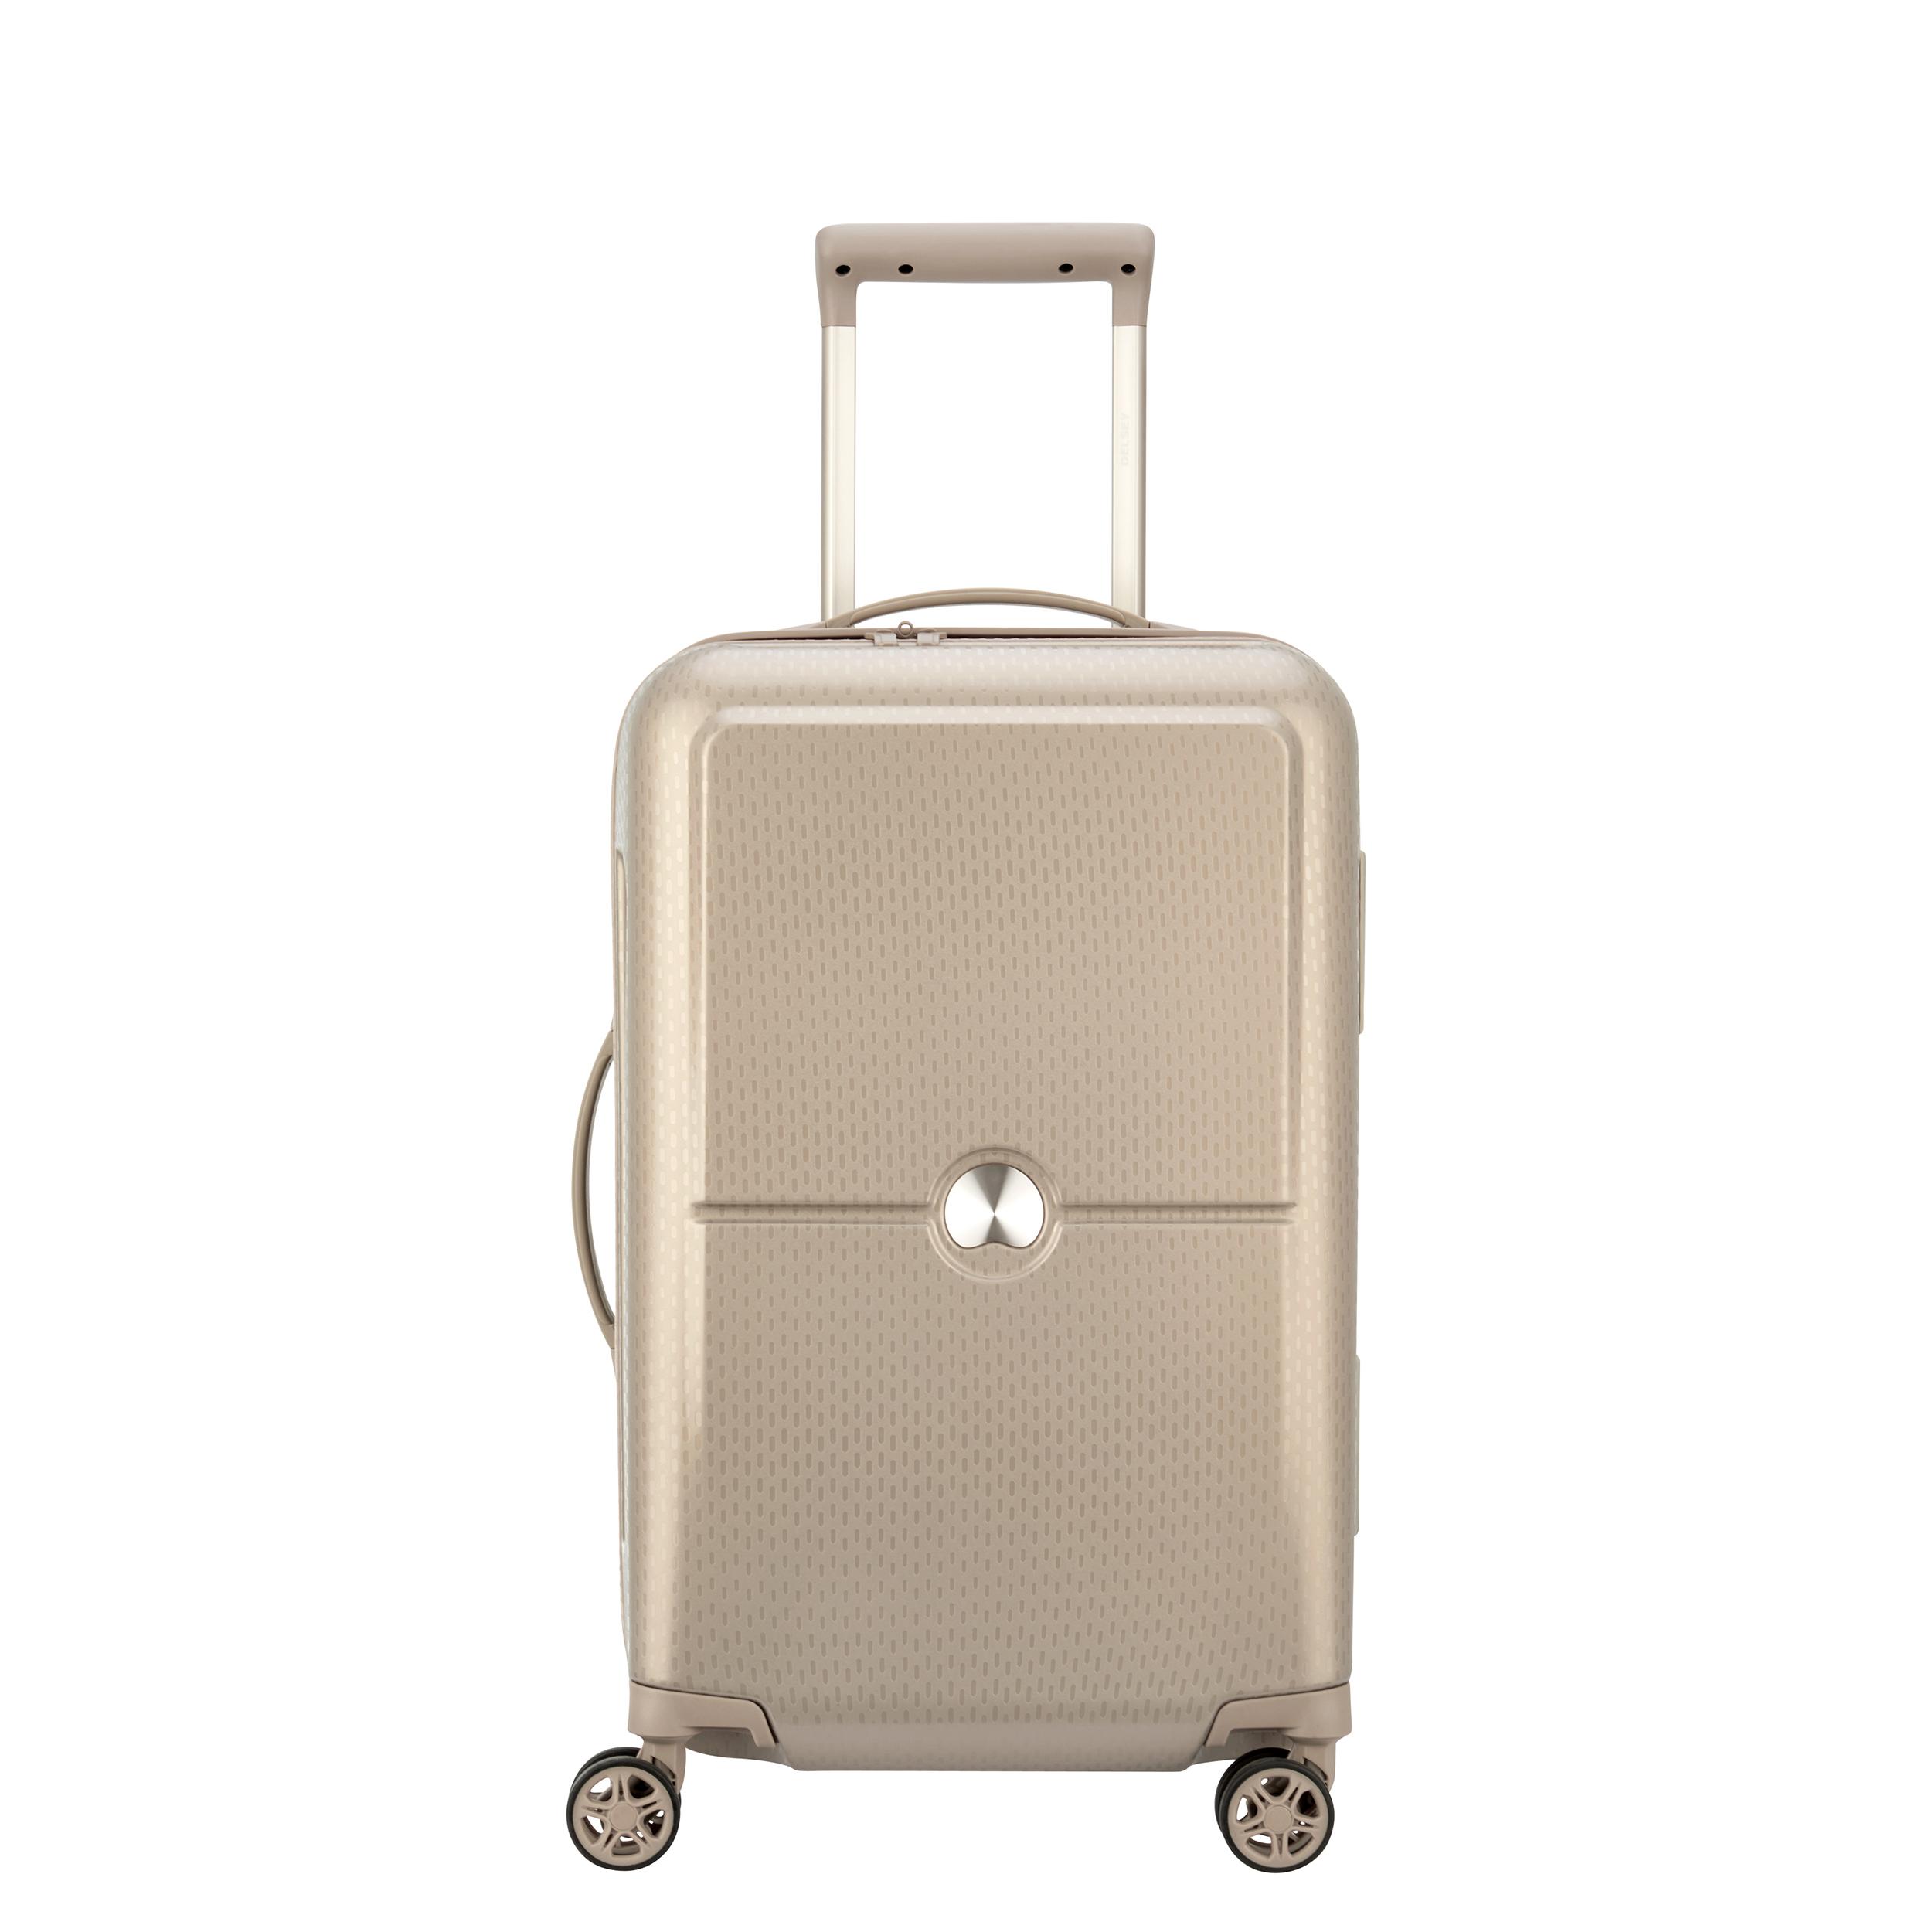 چمدان دلسی مدل TURENNE کد 1621801 سایز کوچک main 1 9